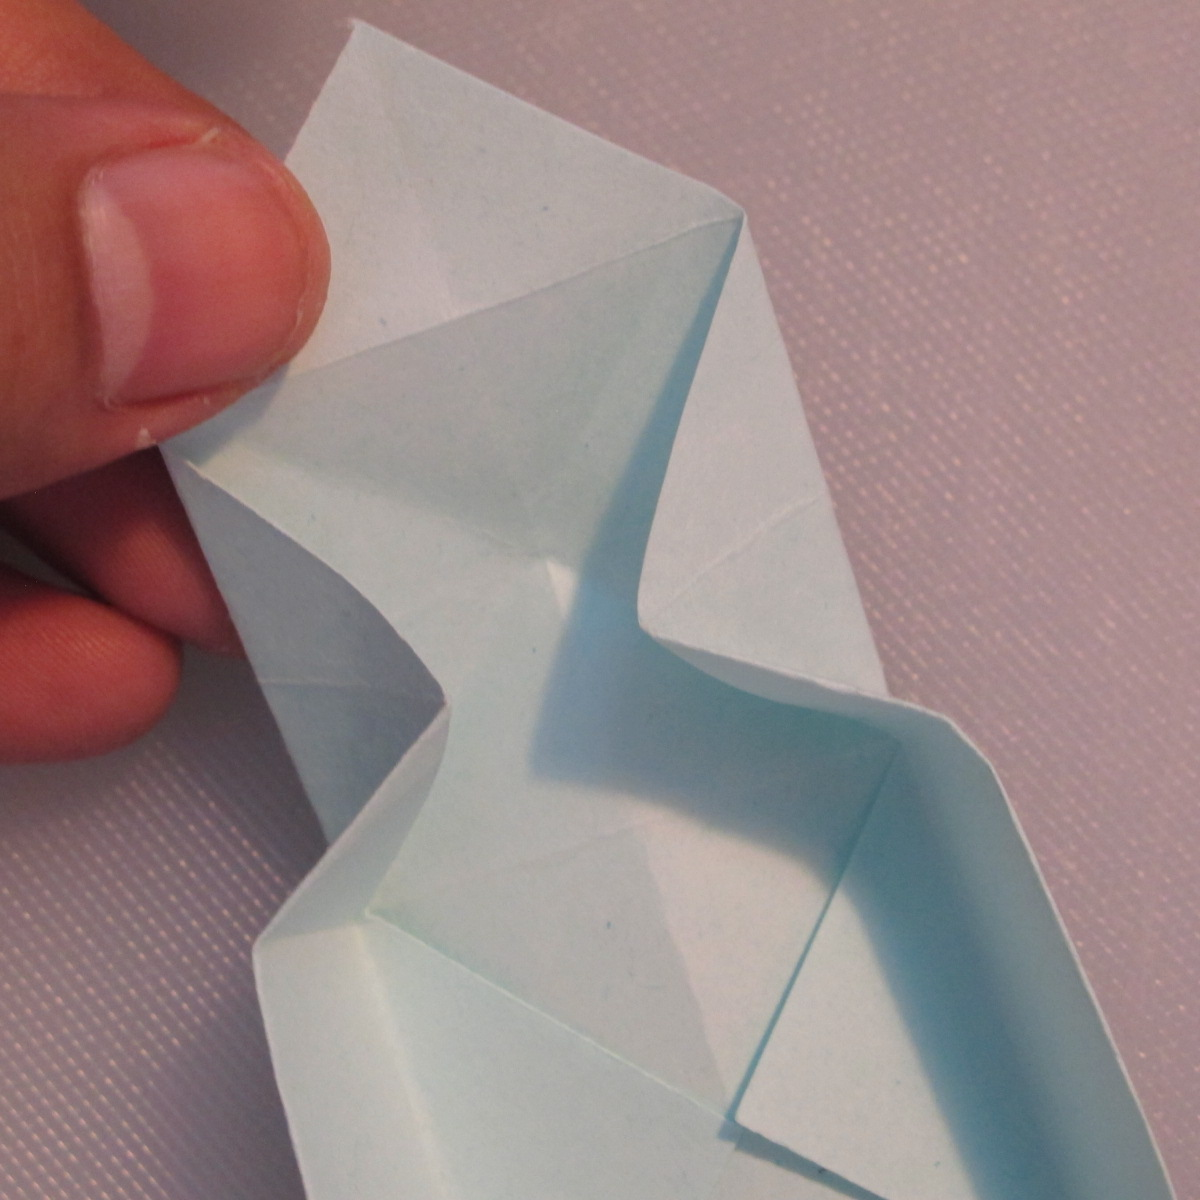 วิธีพับกระดาษเป็นรูปกล่อง 010